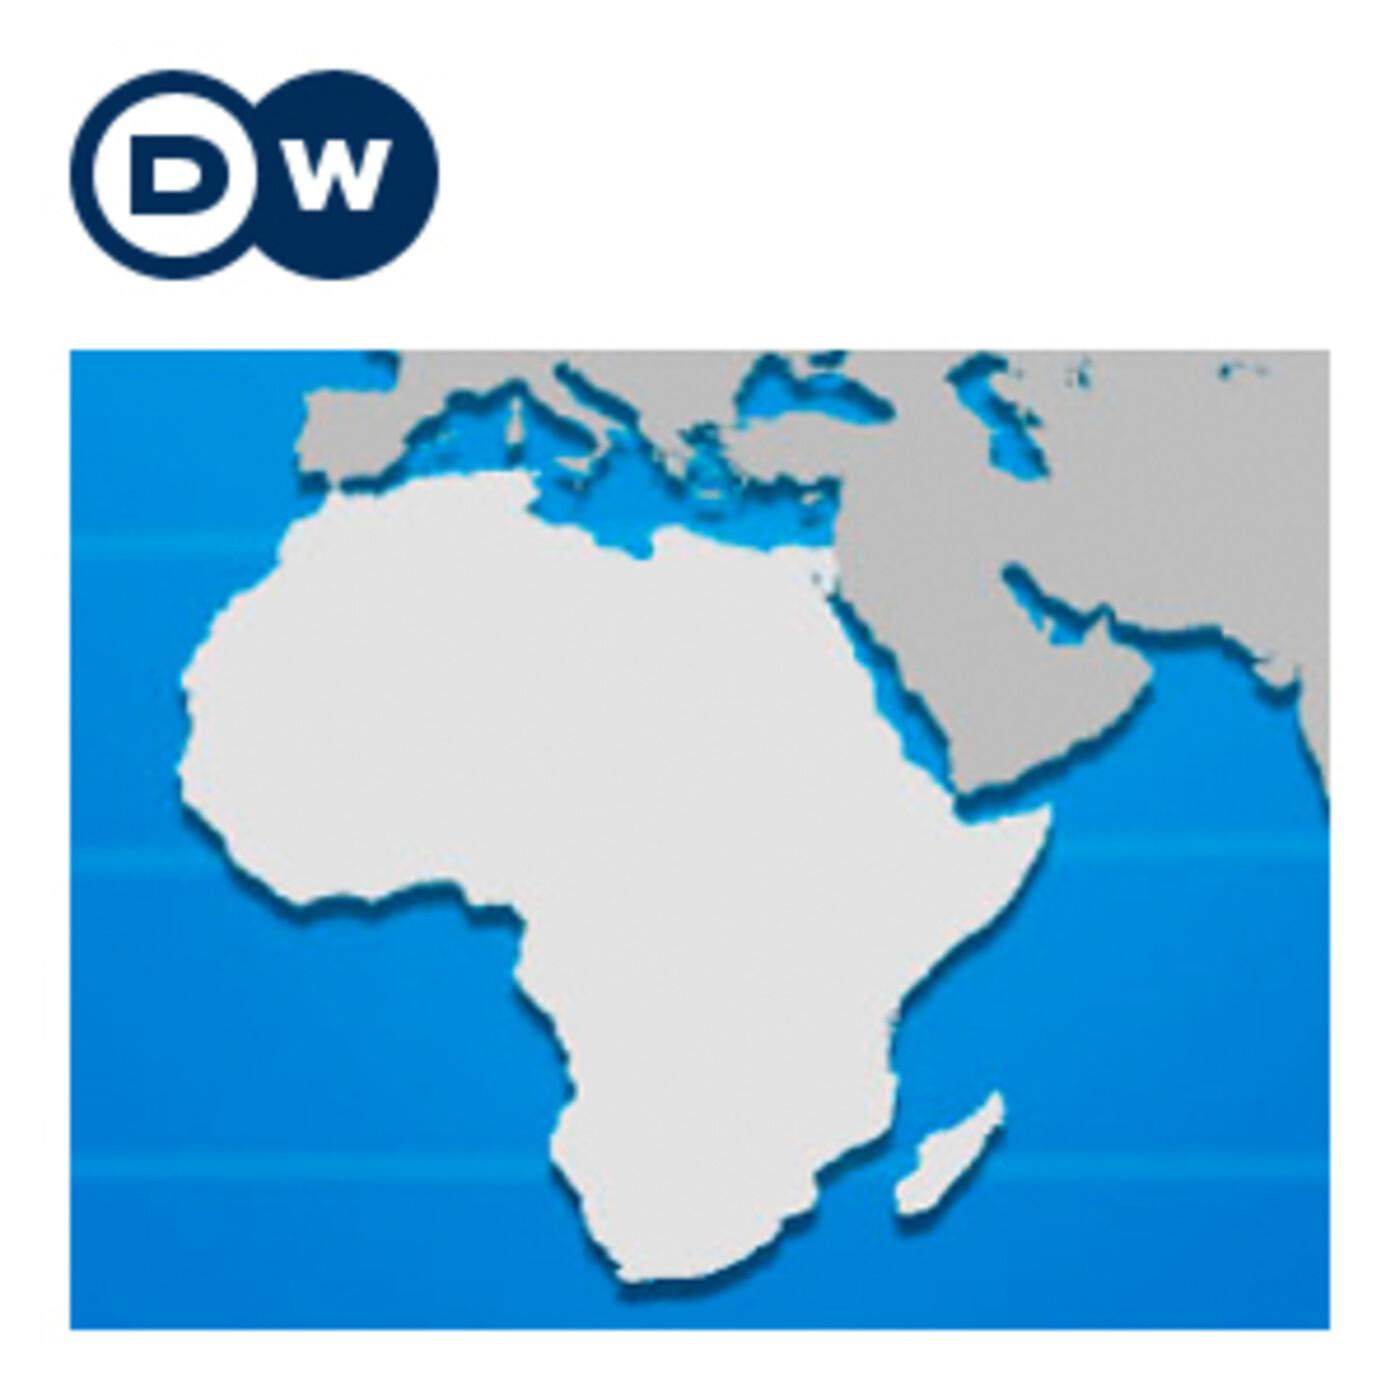 Execução reacende debate sobre direitos humanos em Angola